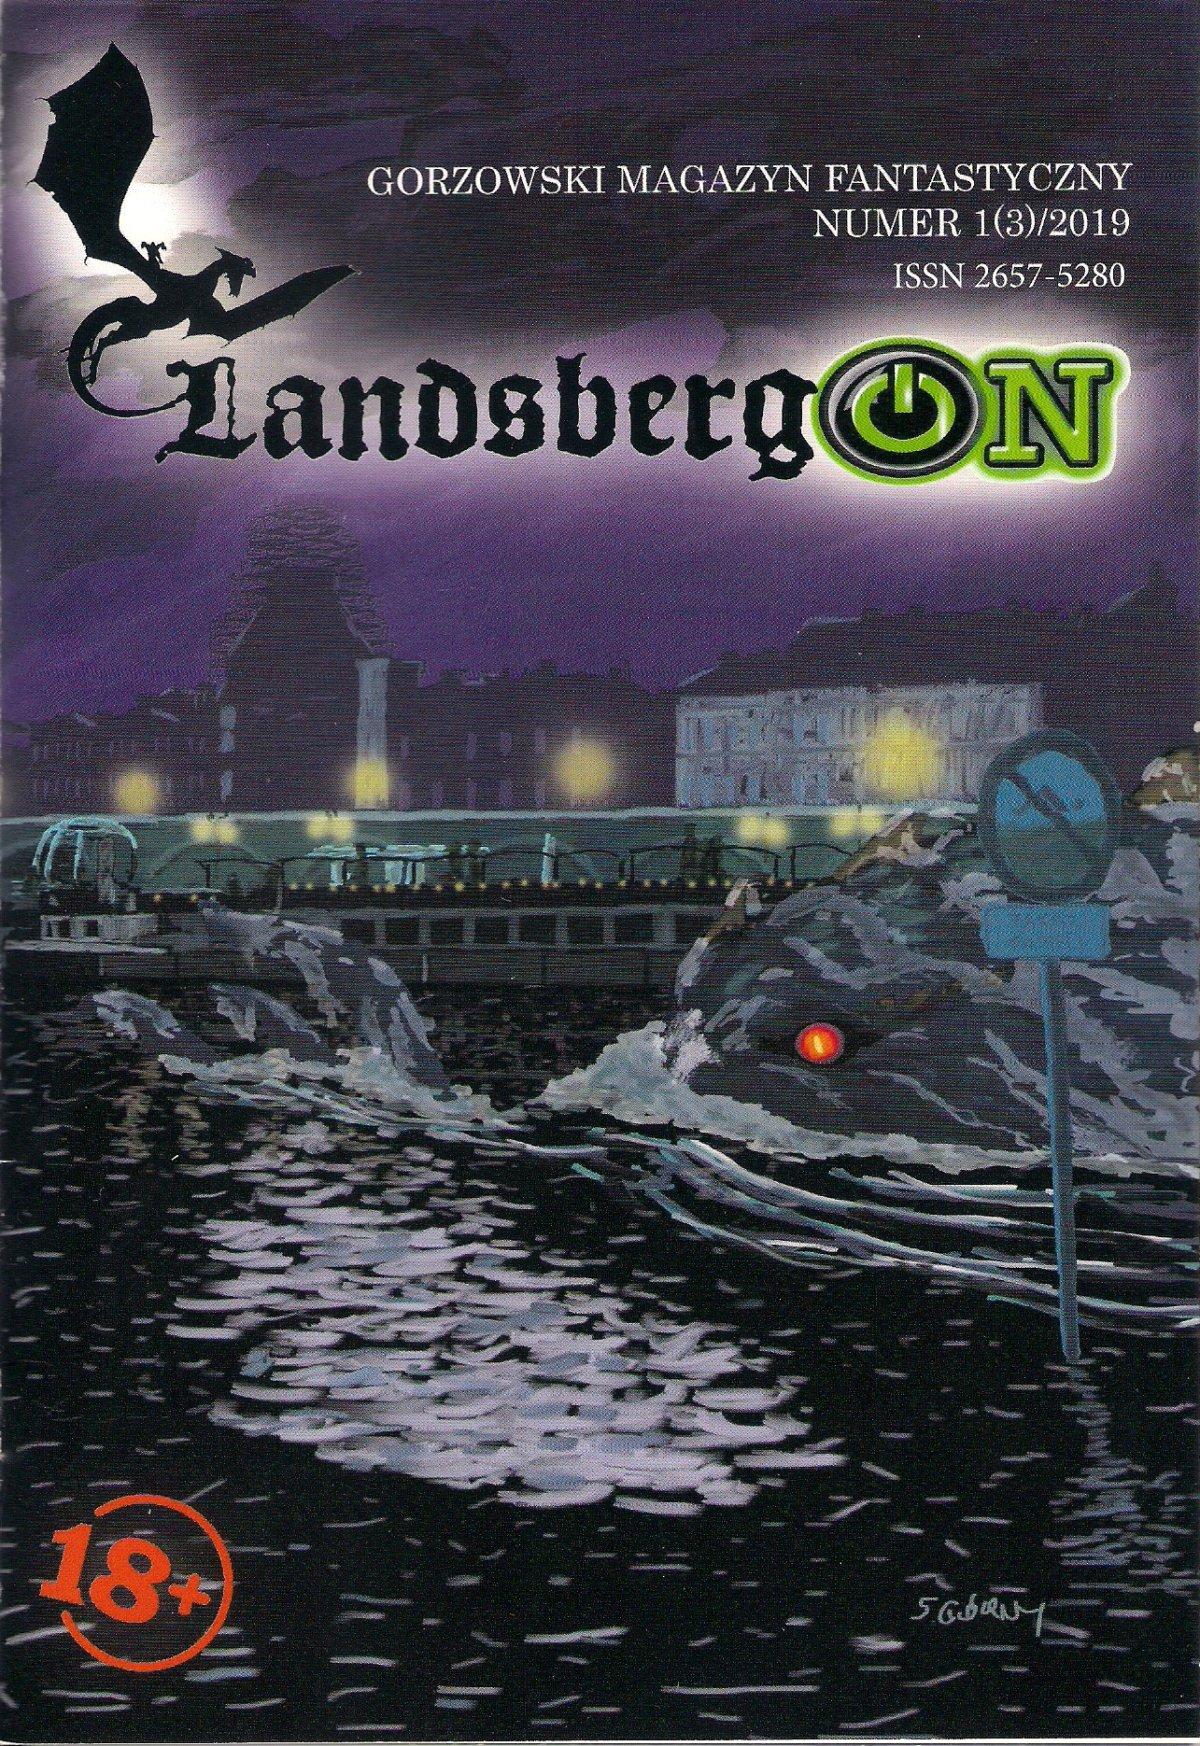 """Chyba każdego obudziły kiedyś jakieś dziwne odgłosy, a może zaskakujący sen lub zaglądający do okna księżyc. Nawet najbardziej racjonalny człowiek poddaje się nieznanym lub zaskakującym zjawiskom. Dlaczego lubimy się bać? - pyta Mariusz Sobkowiak we wstępniaku do trzeciego numeru """"LandsbergONu"""" (taki zapis, nie poprawiać) Gorzowskiego Magazynu Fantastycznego."""